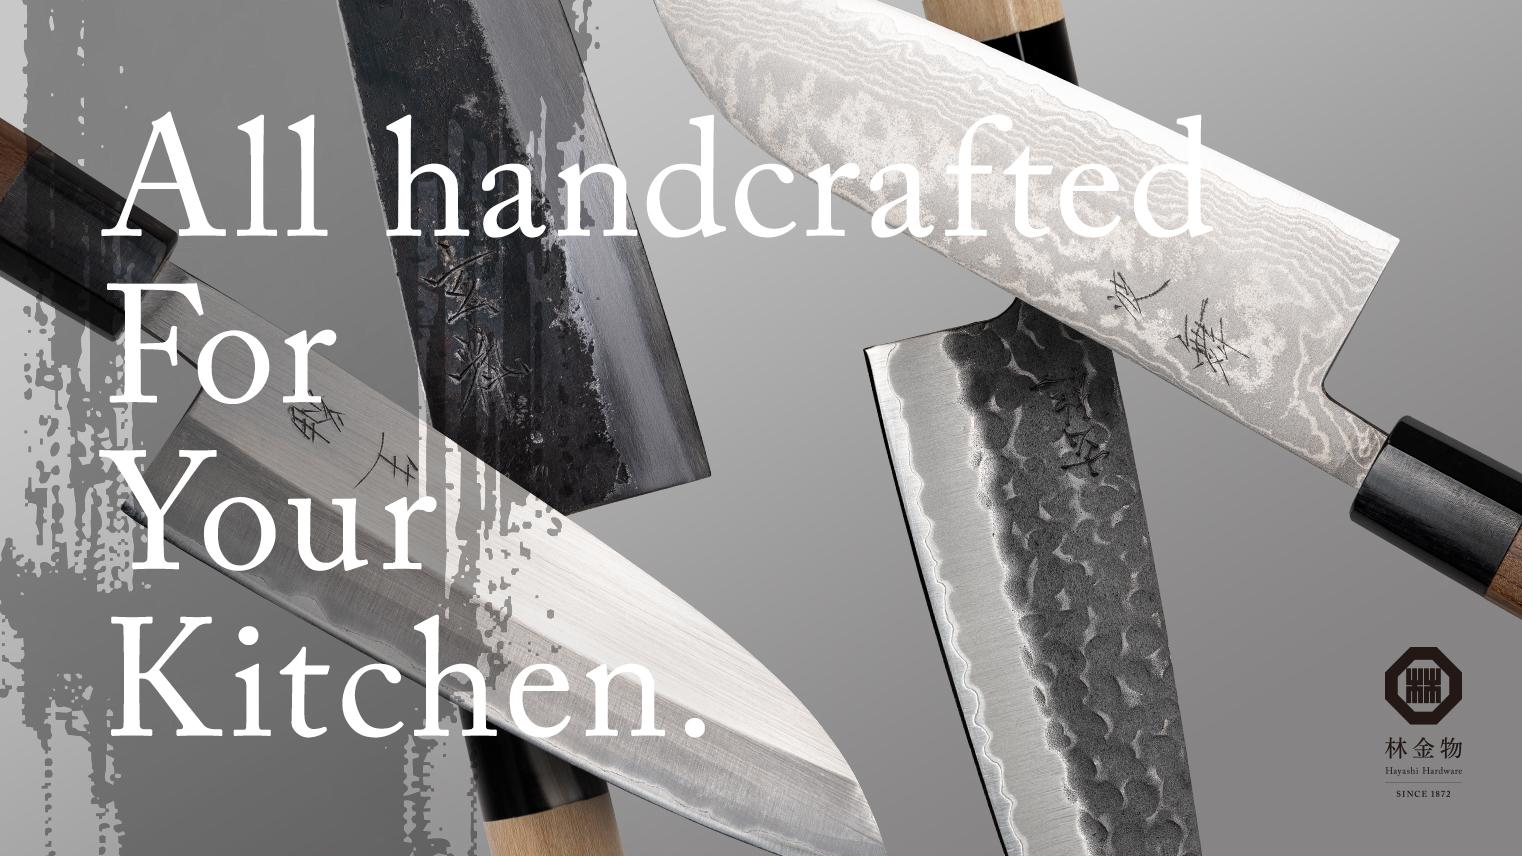 kickstarter/steelstyle/hayashi hardware